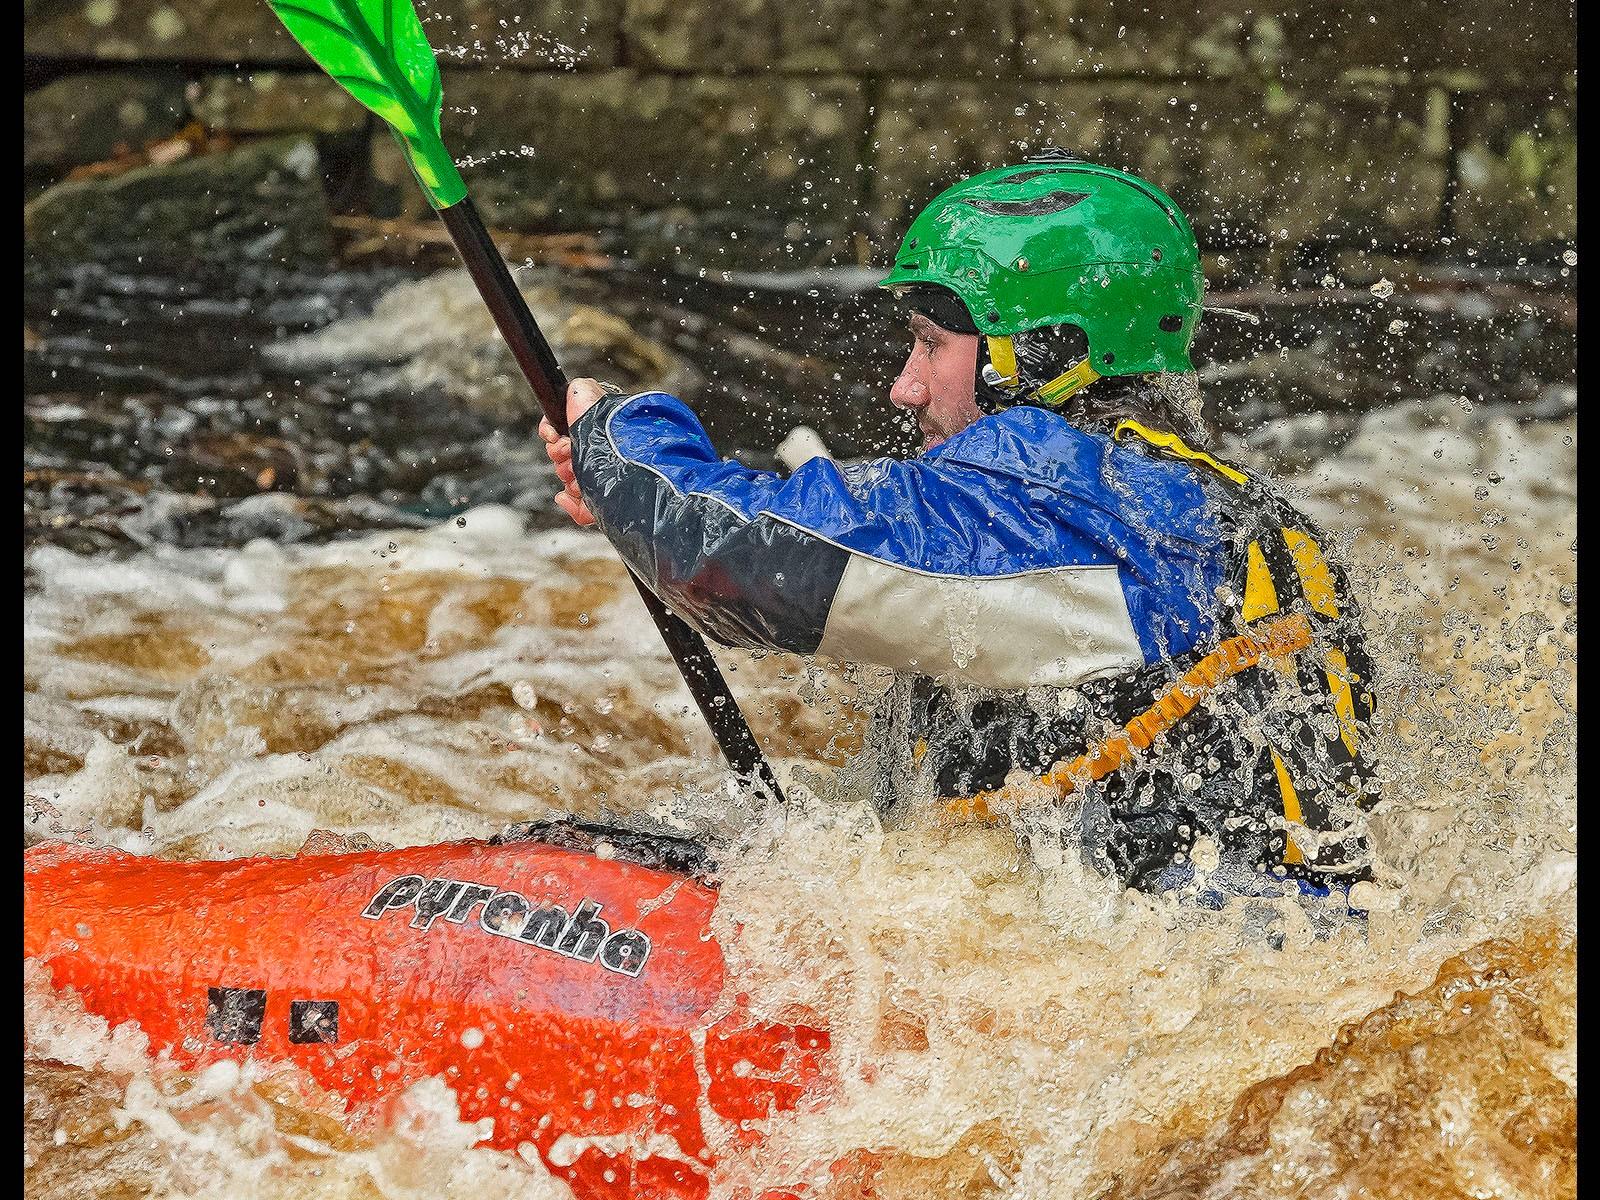 2.Kayak action